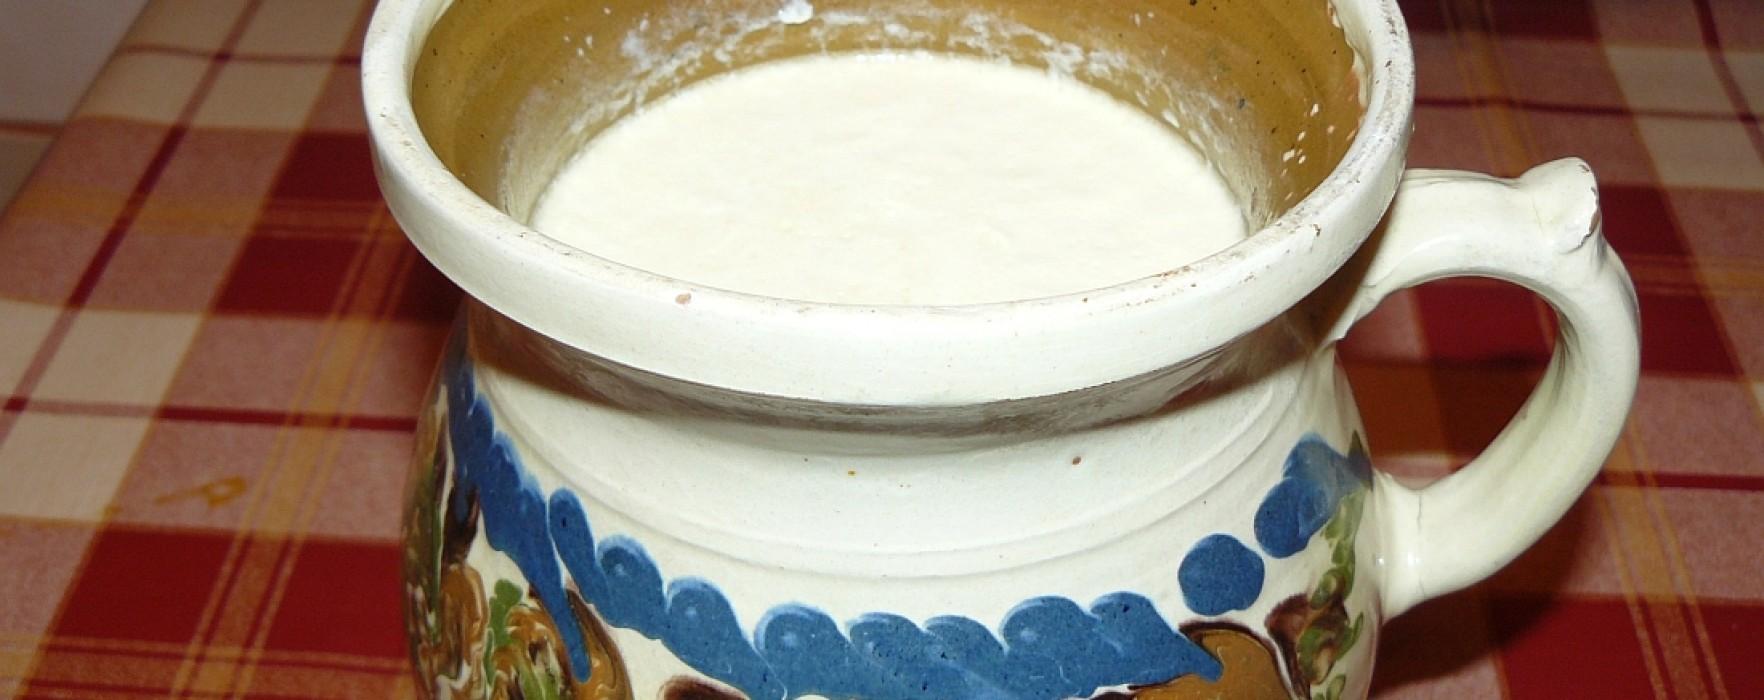 Cum preparăm iaurtul în casă, fără E-uri si conservanți